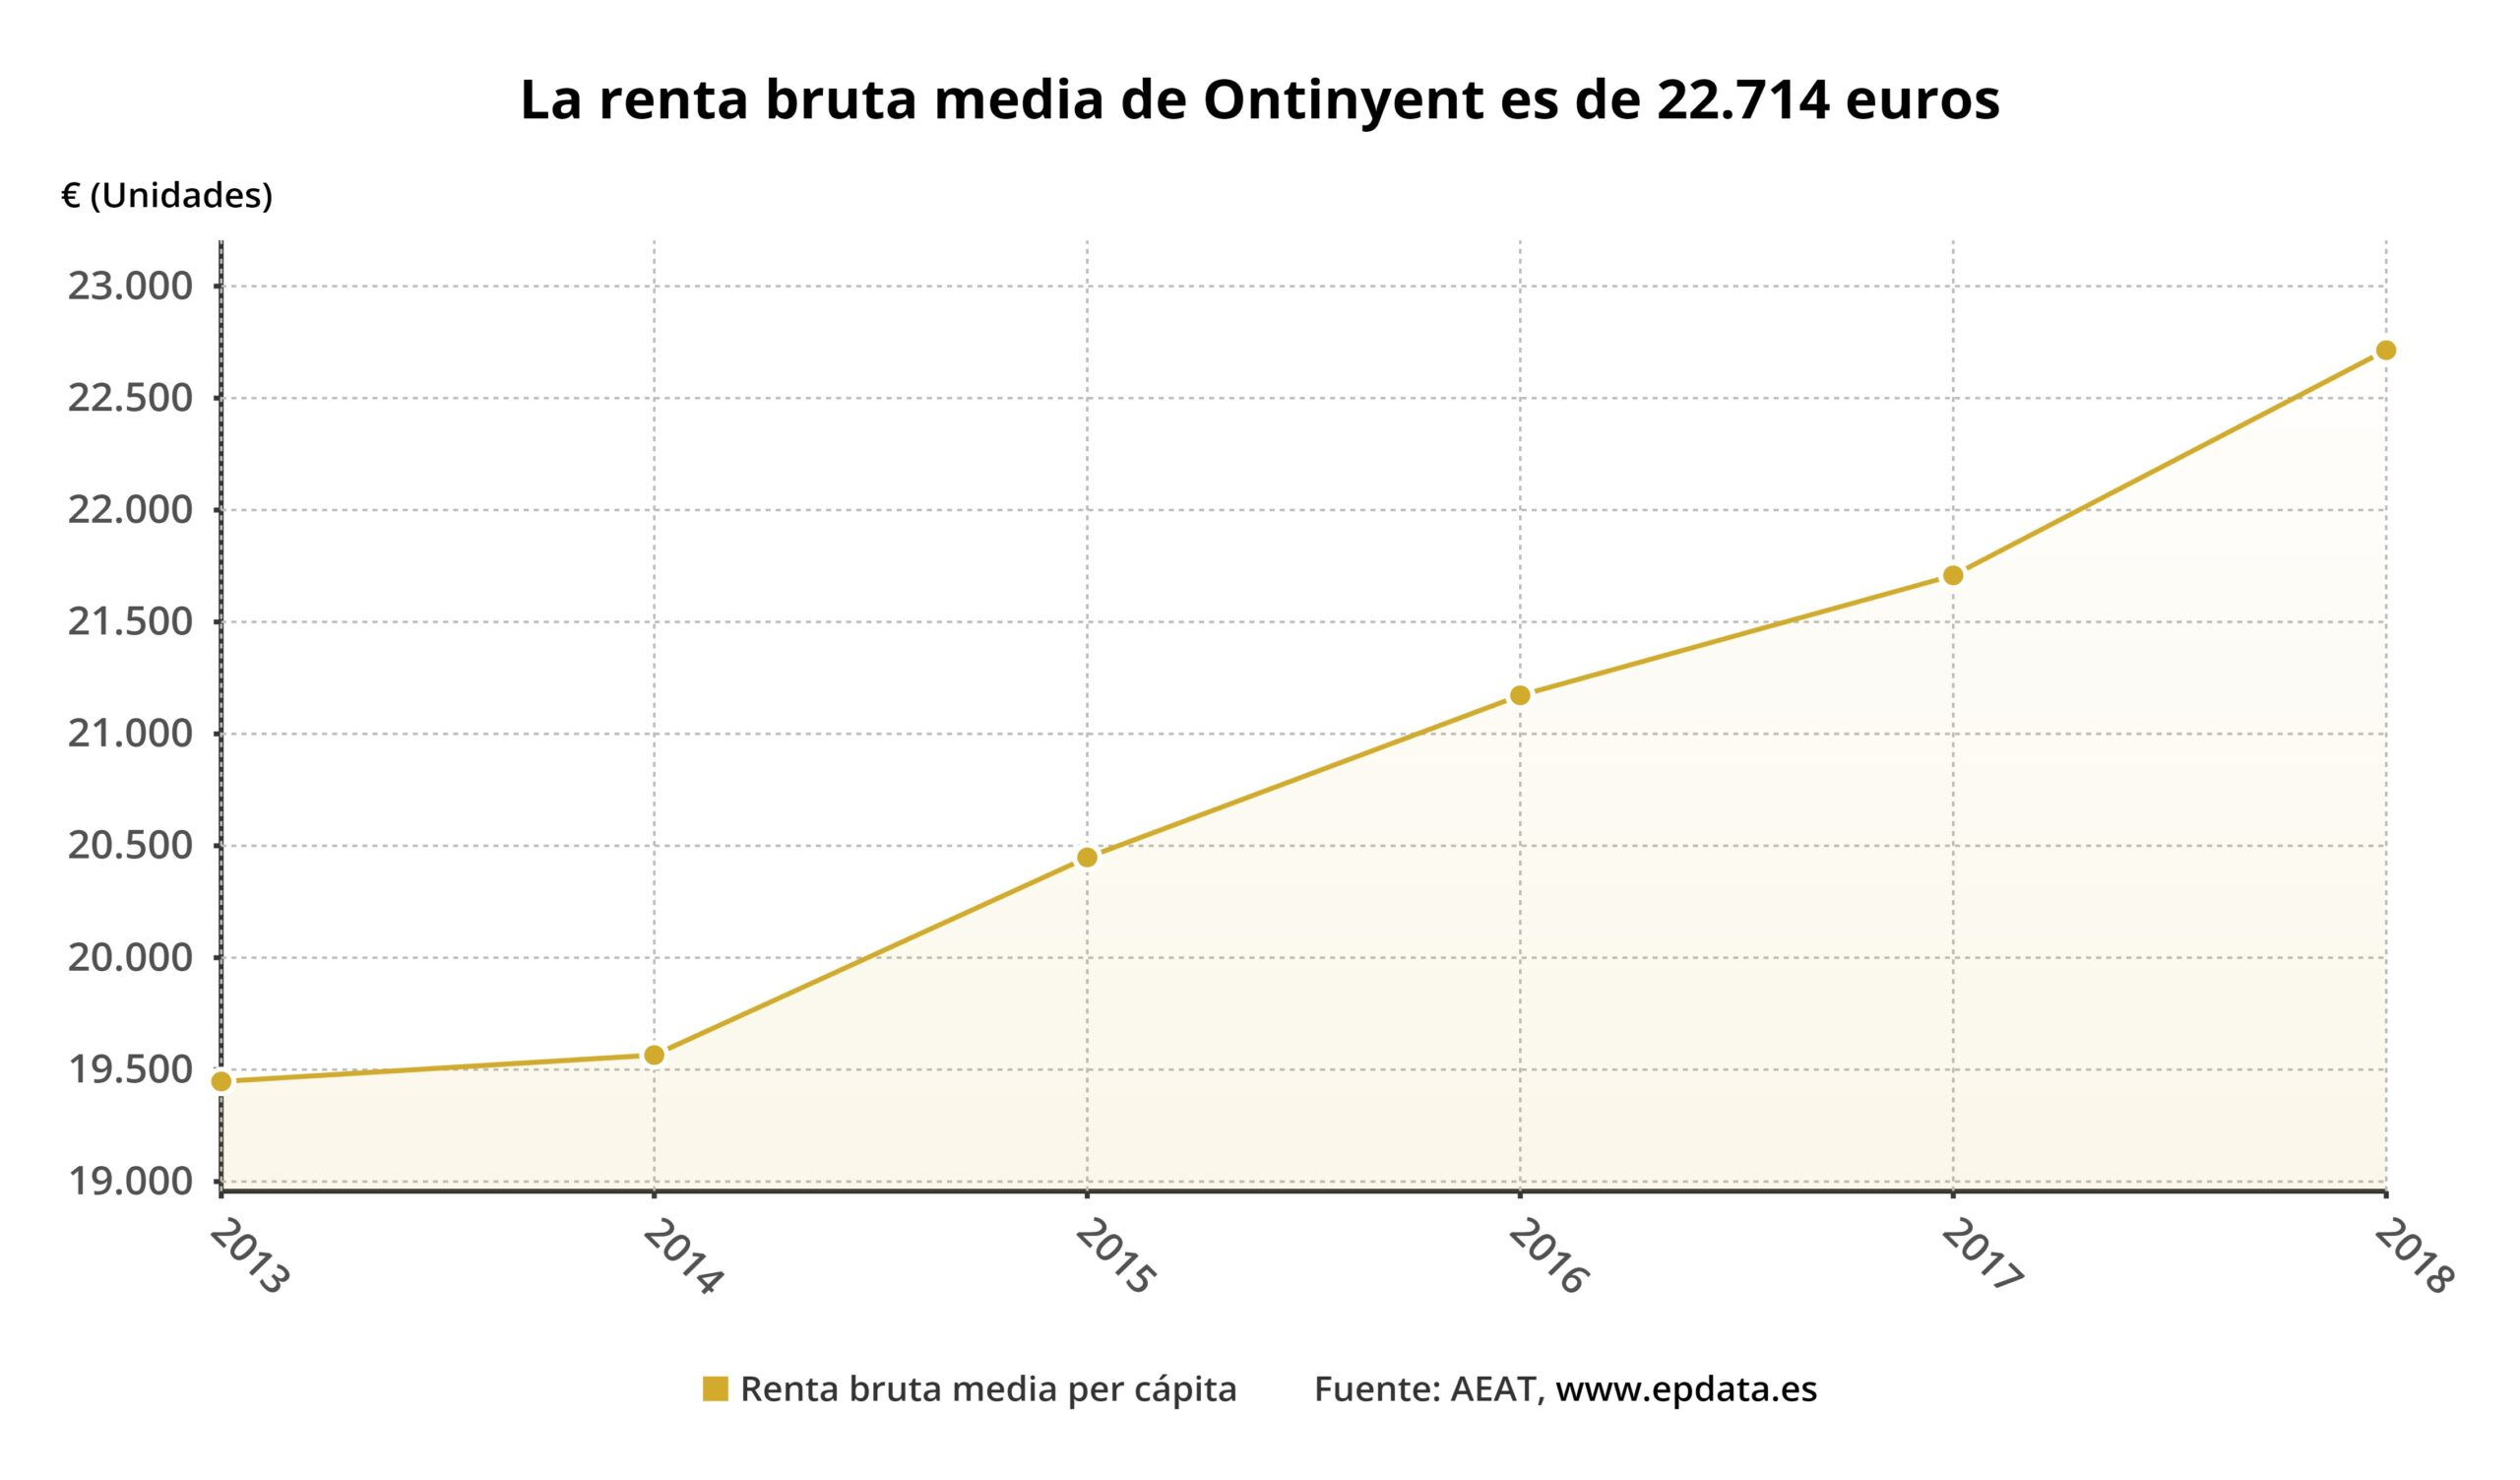 La renda mitjana d'Ontinyent, per baix de Xàtiva, Gandia i Alcoi El Periòdic d'Ontinyent - Noticies a Ontinyent